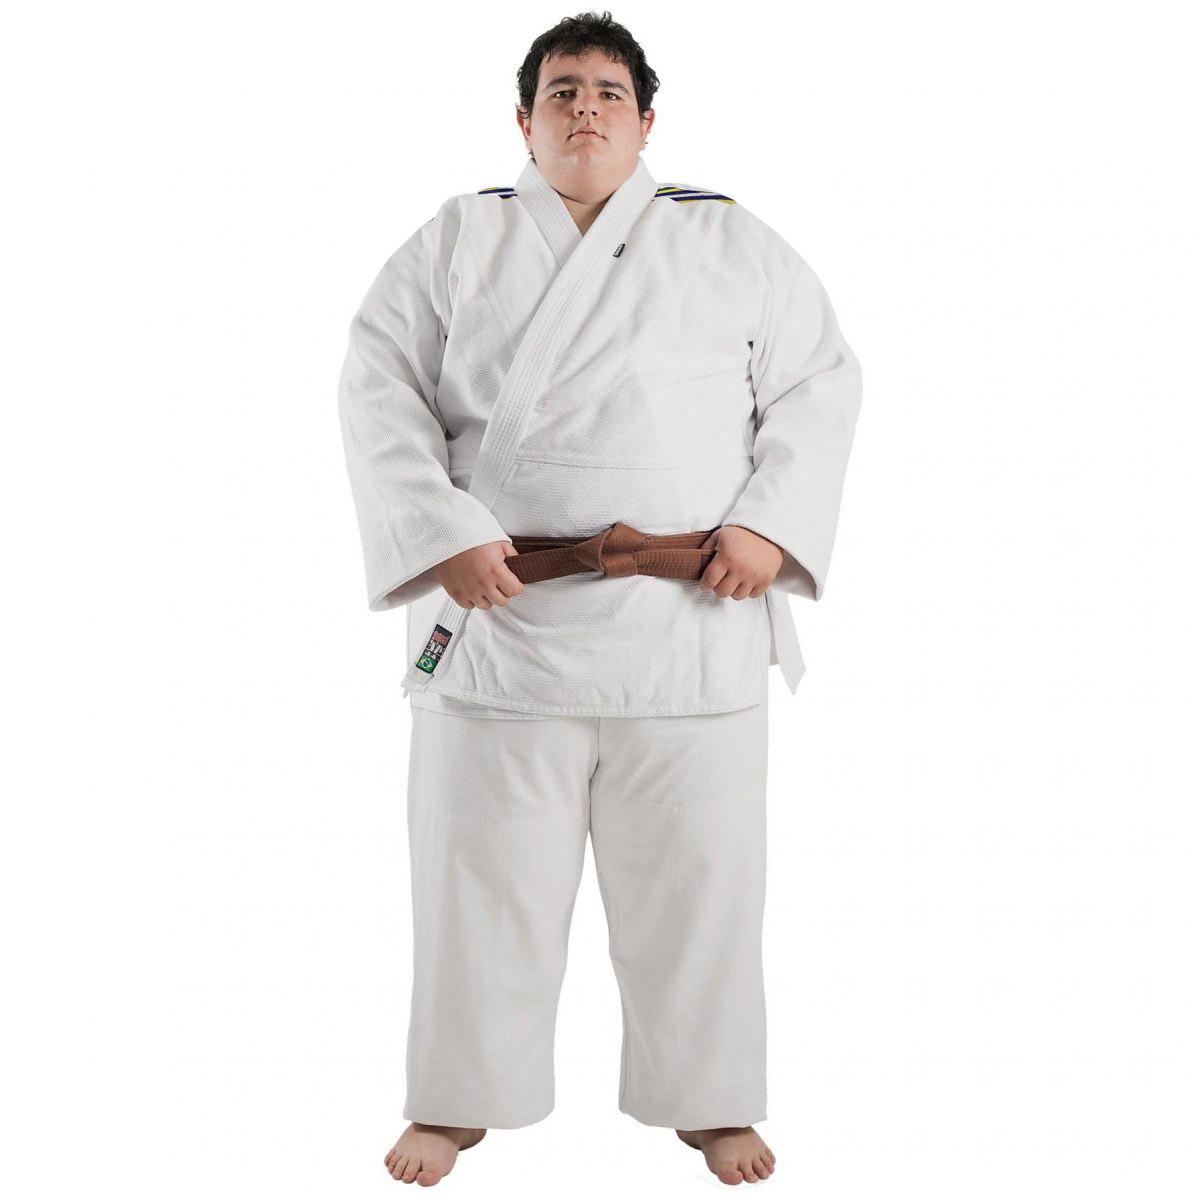 Kimono Judo - Trancado - Master - Brazilian Colors - Shiroi - Branco